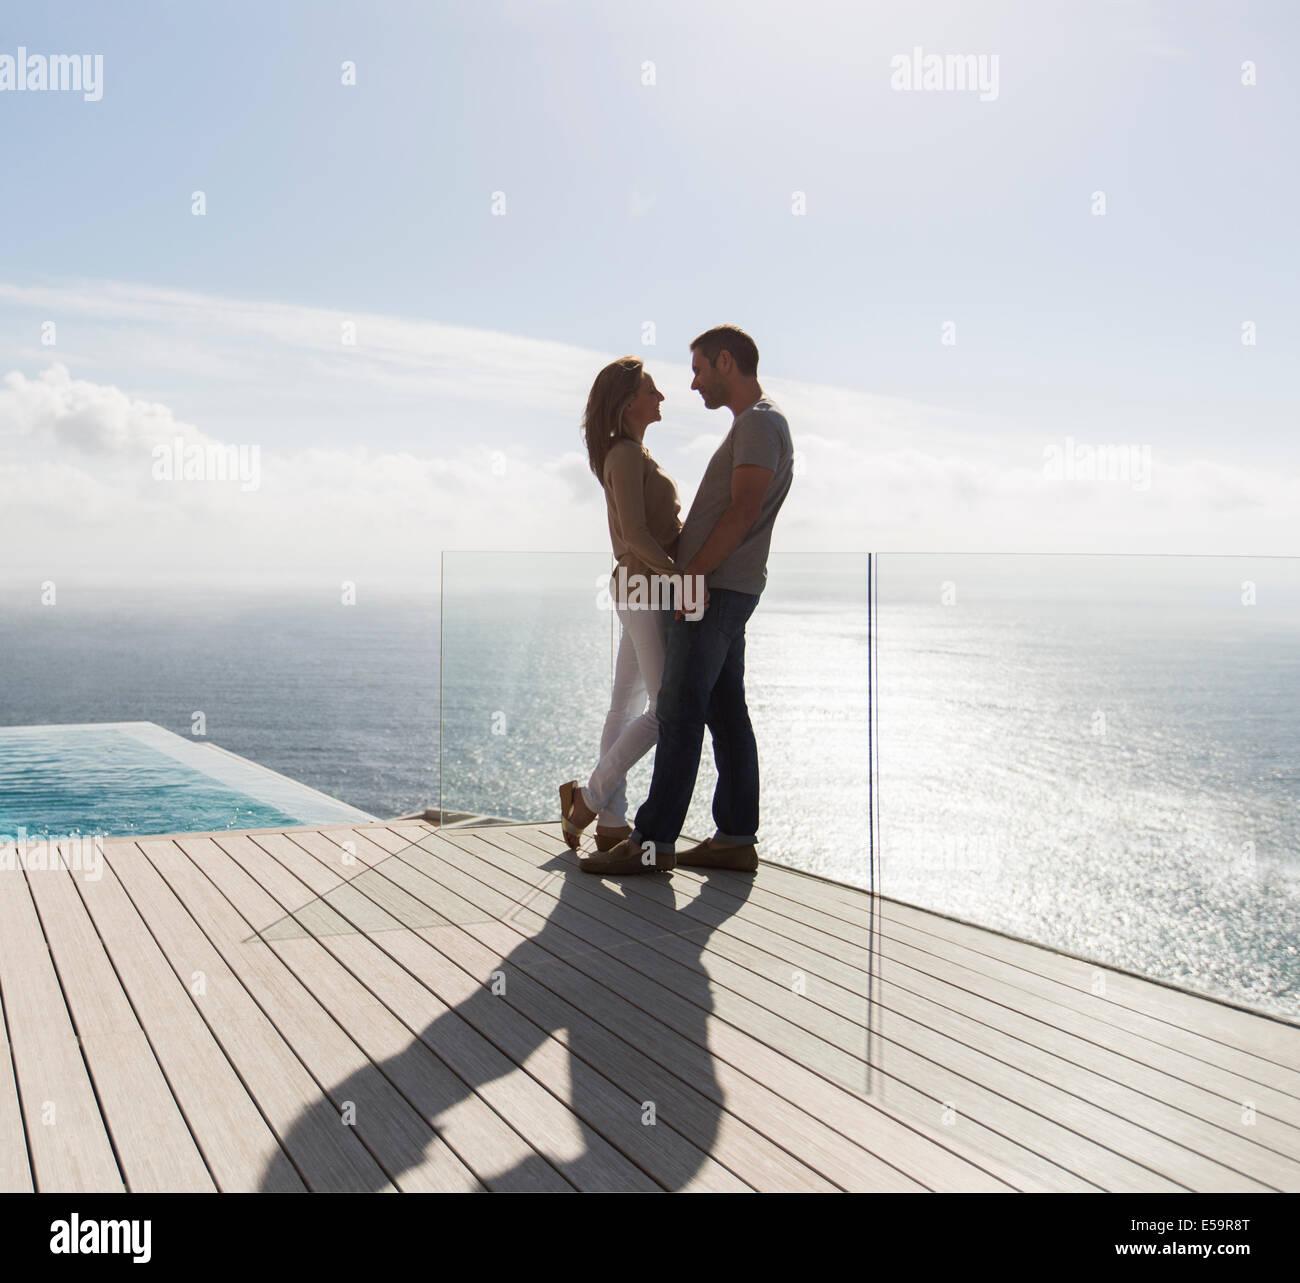 Couple on modern balcony overlooking ocean - Stock Image